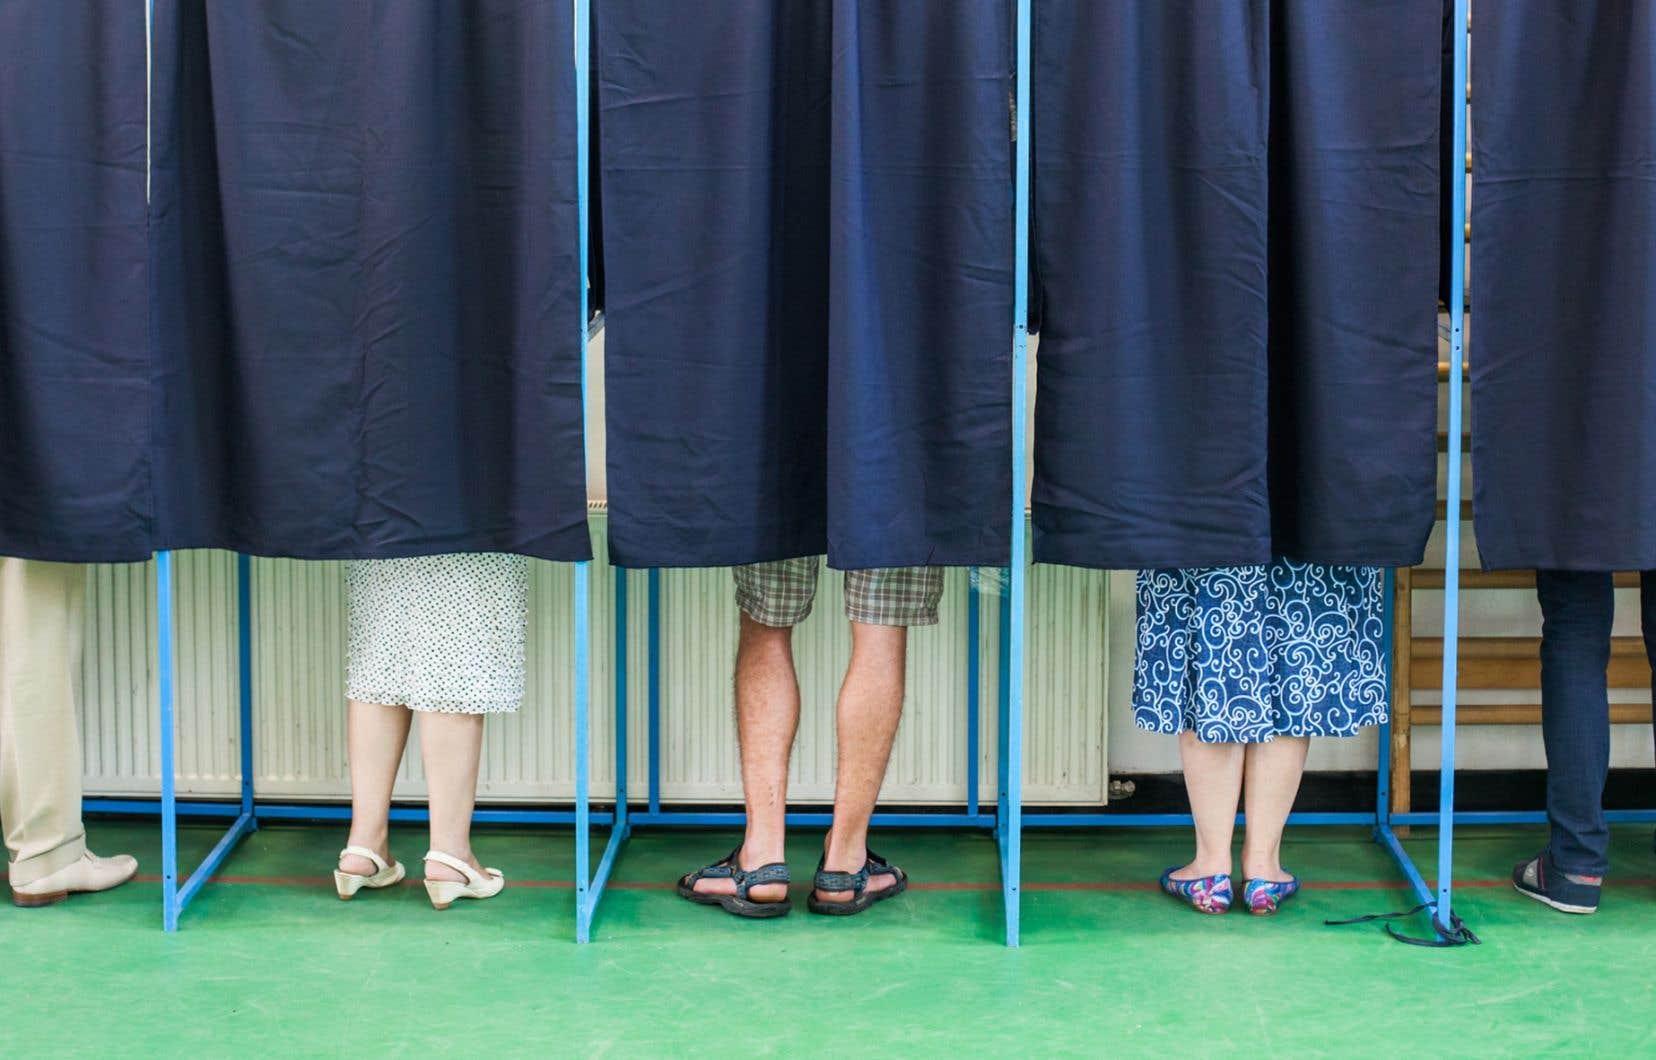 La nouvelle formule corrigerait la grave distorsion entre le choix politique de l'électorat et le résultat des élections selon notre mode de scrutin actuel, le mode majoritaire uninominal à un tour.